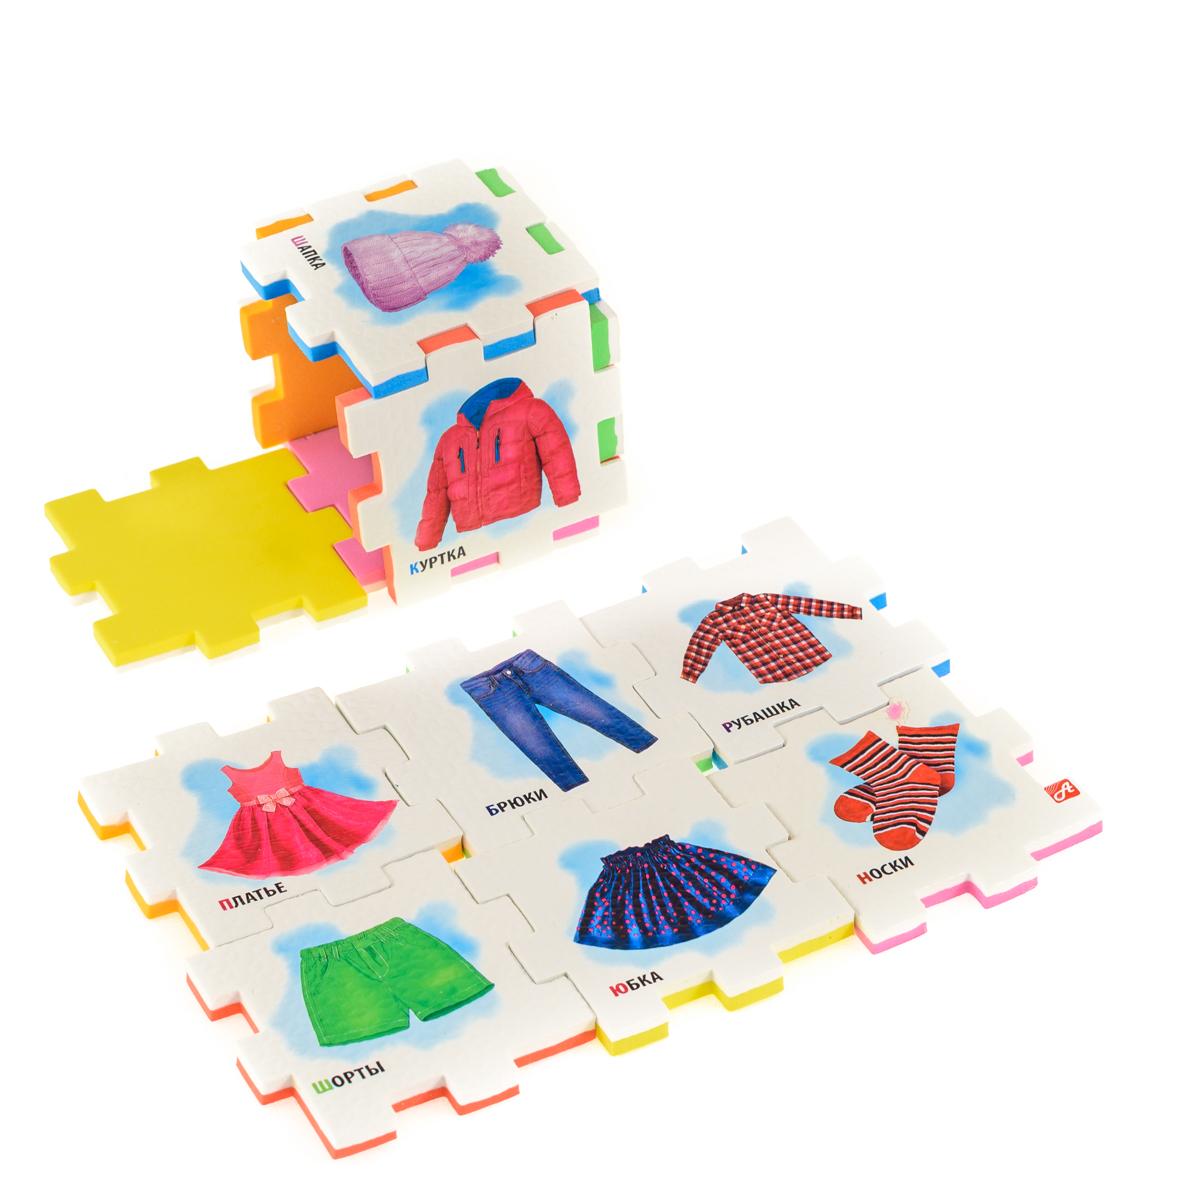 Нескучный кубик Пазл для малышей Предметы одежды282373Развивающее пособие-игрушка призвано в легкой игровой форме помочь ребенку познакомиться с окружающим миром, изучить цвета, формы, развить логическое и ассоциативное мышление. Из деталей кубика можно конструировать не только кубик из 6 элементов! Попробуйте собрать форму побольше — из 10-12 деталей, либо кубик из 24 деталей, у которого каждая сторона будет состоять из 4-х картинок-элементов. Либо вы можете сложить с ребенком необычный коврик из деталей кубика. Позвольте ребенку поиграть самому — он сможет сконструировать разные формы и фигуры, которые подскажет ему его воображение. С детьми постарше можно заниматься изучением иностранных языков в игровой форме.